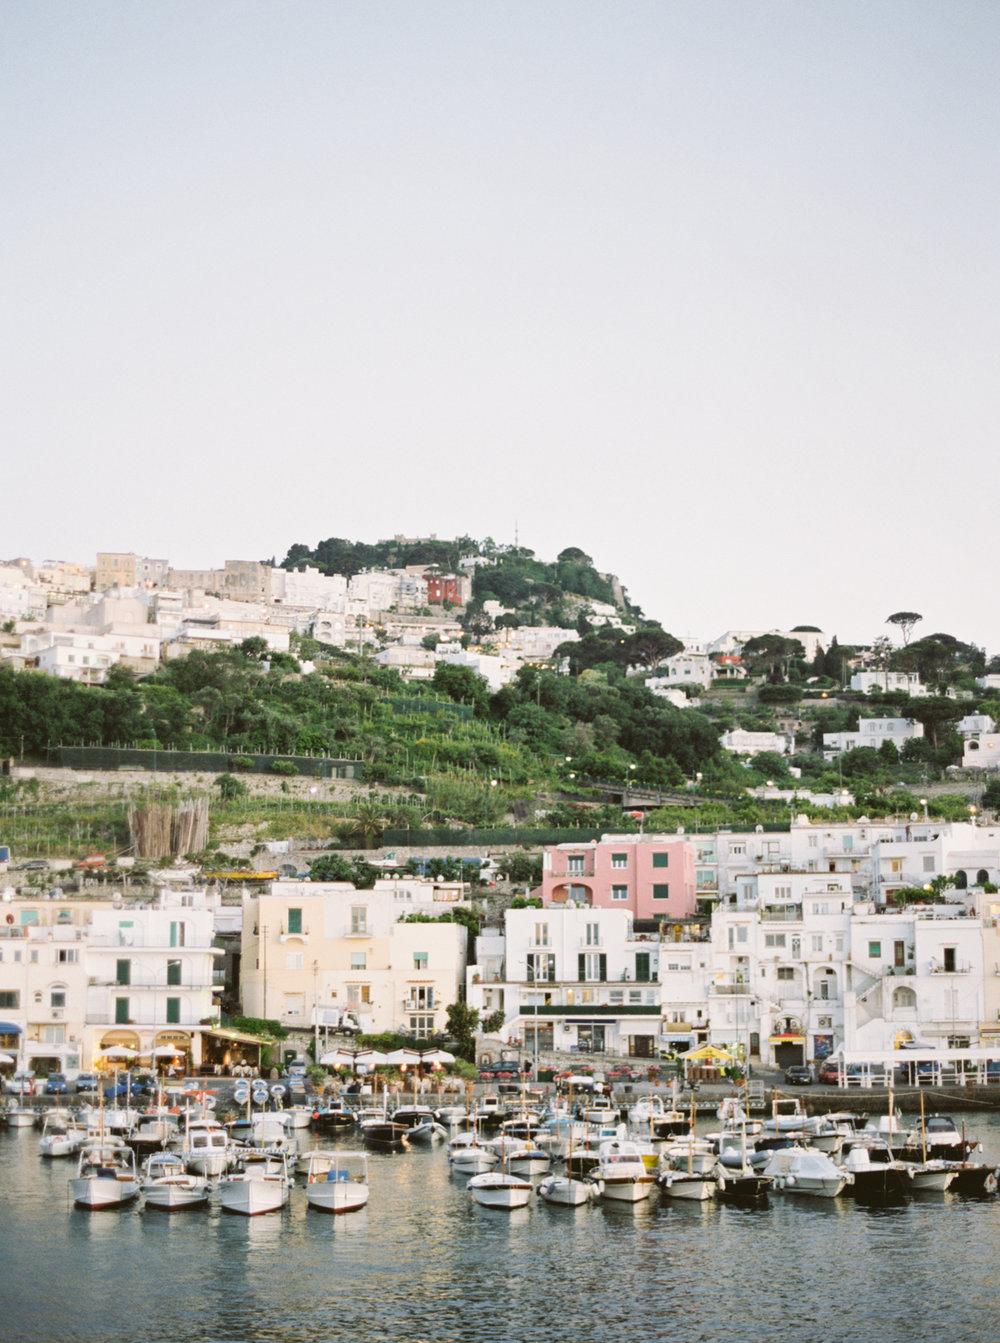 Erich-Mcvey-Capri-Coco-Lane.jpg-23.jpg